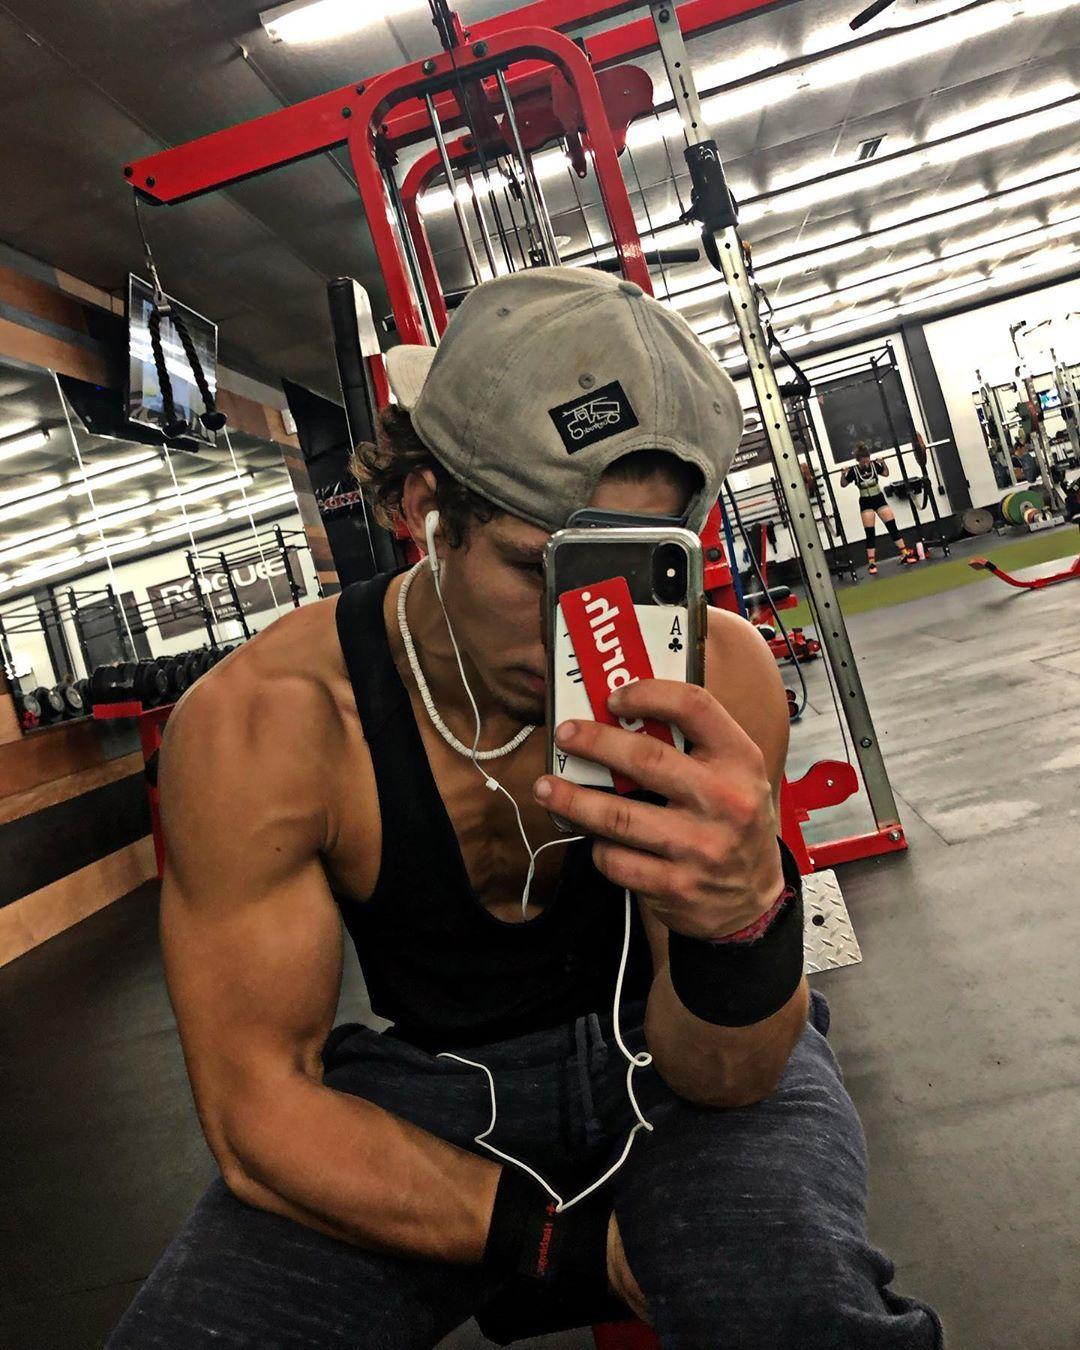 Monday means chest day @floydsgym_lex ‼️‼️ • • • • #gym #gymrat #train #hard #chest #shredded #gainz...